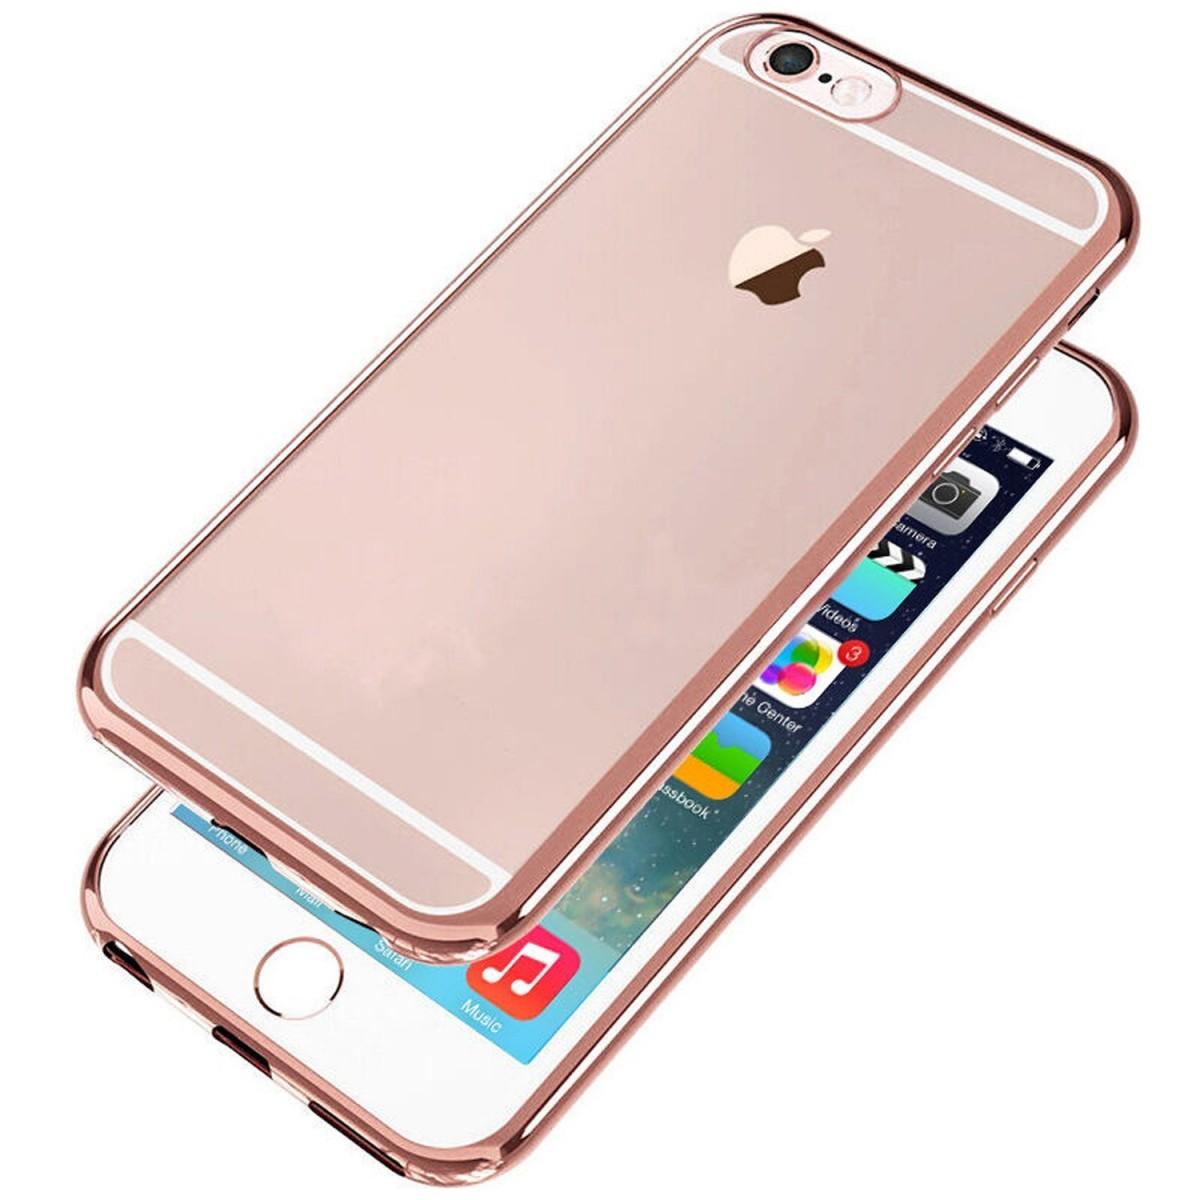 Elegantní obal / kryt RING pro iPhone 6s / 6 (rose gold)